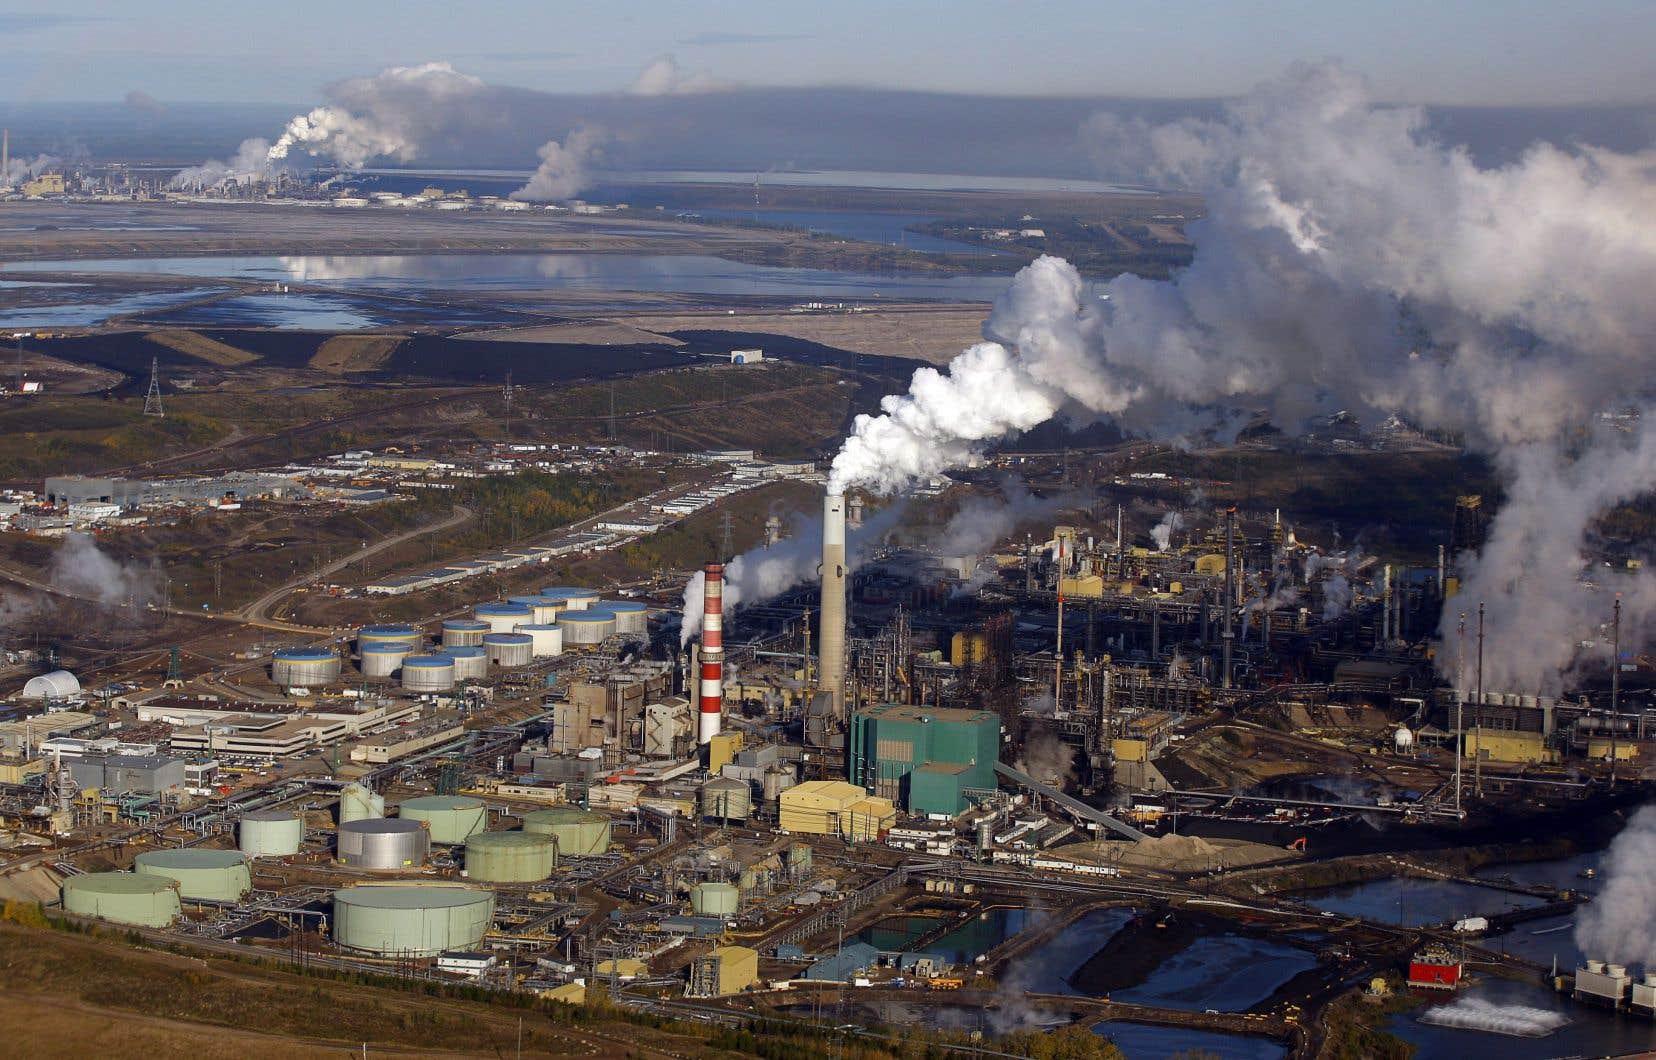 La part des énergies fossiles dans le total ne s'est pas réduite, mais s'est maintenue aux alentours de 80% depuis trois décennies.